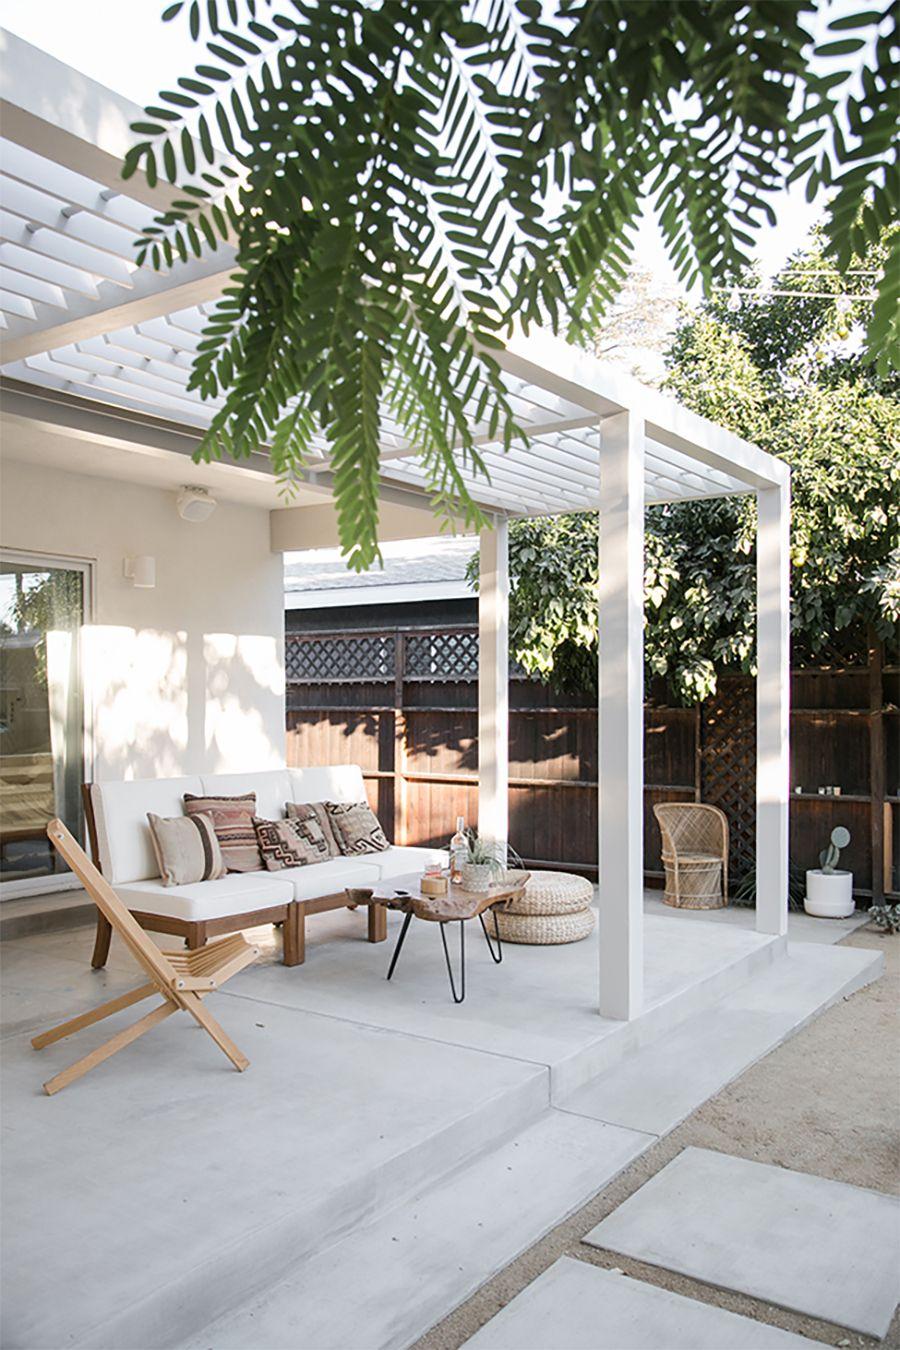 Photo of Vida al aire libre: ideas de pérgola de ensueño para nuestra terraza